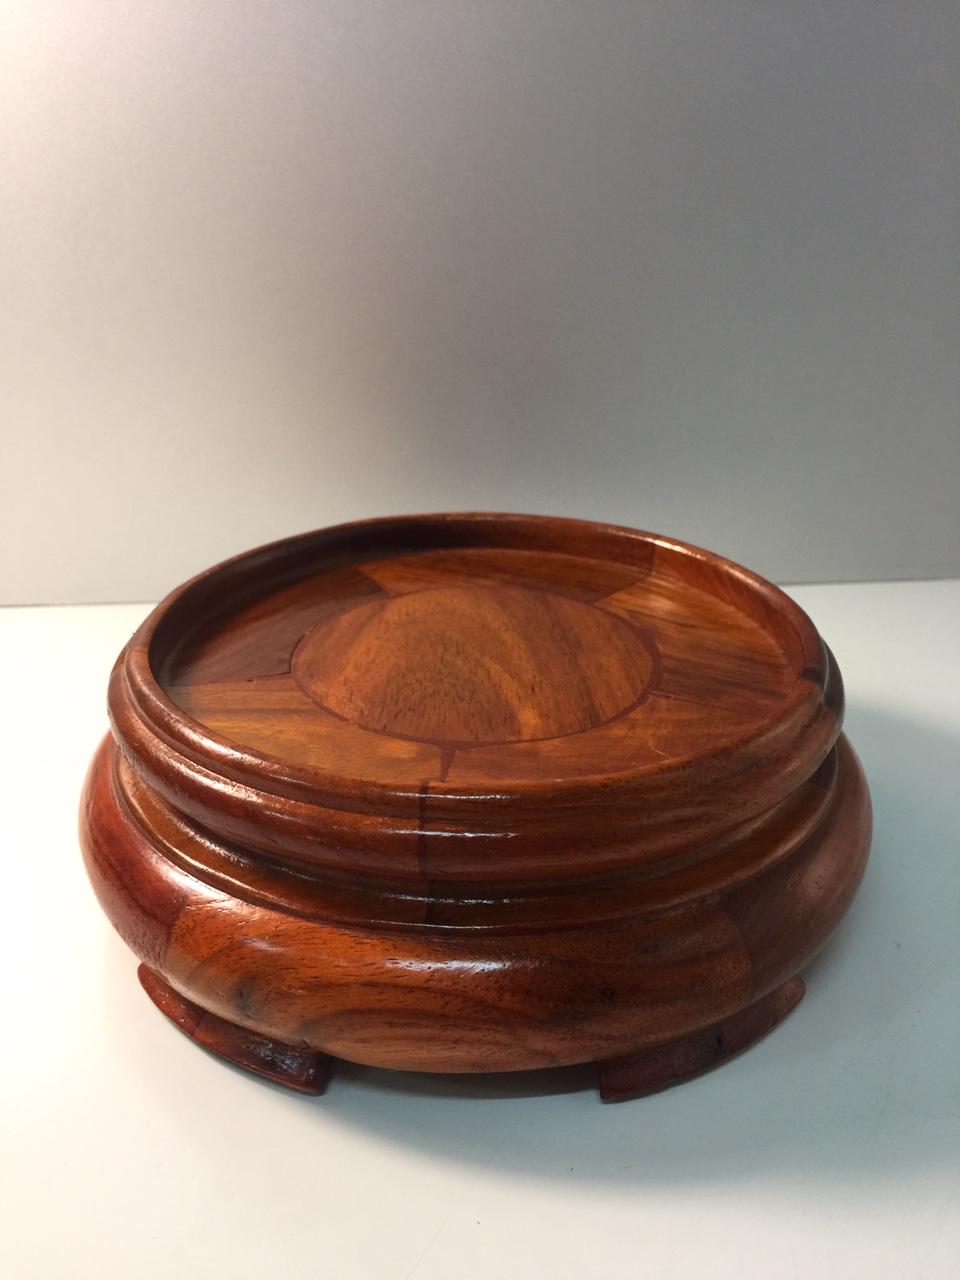 Đế Bát Hương chất liệu gỗ hương (kê bát hương) - 5,5x16 cm